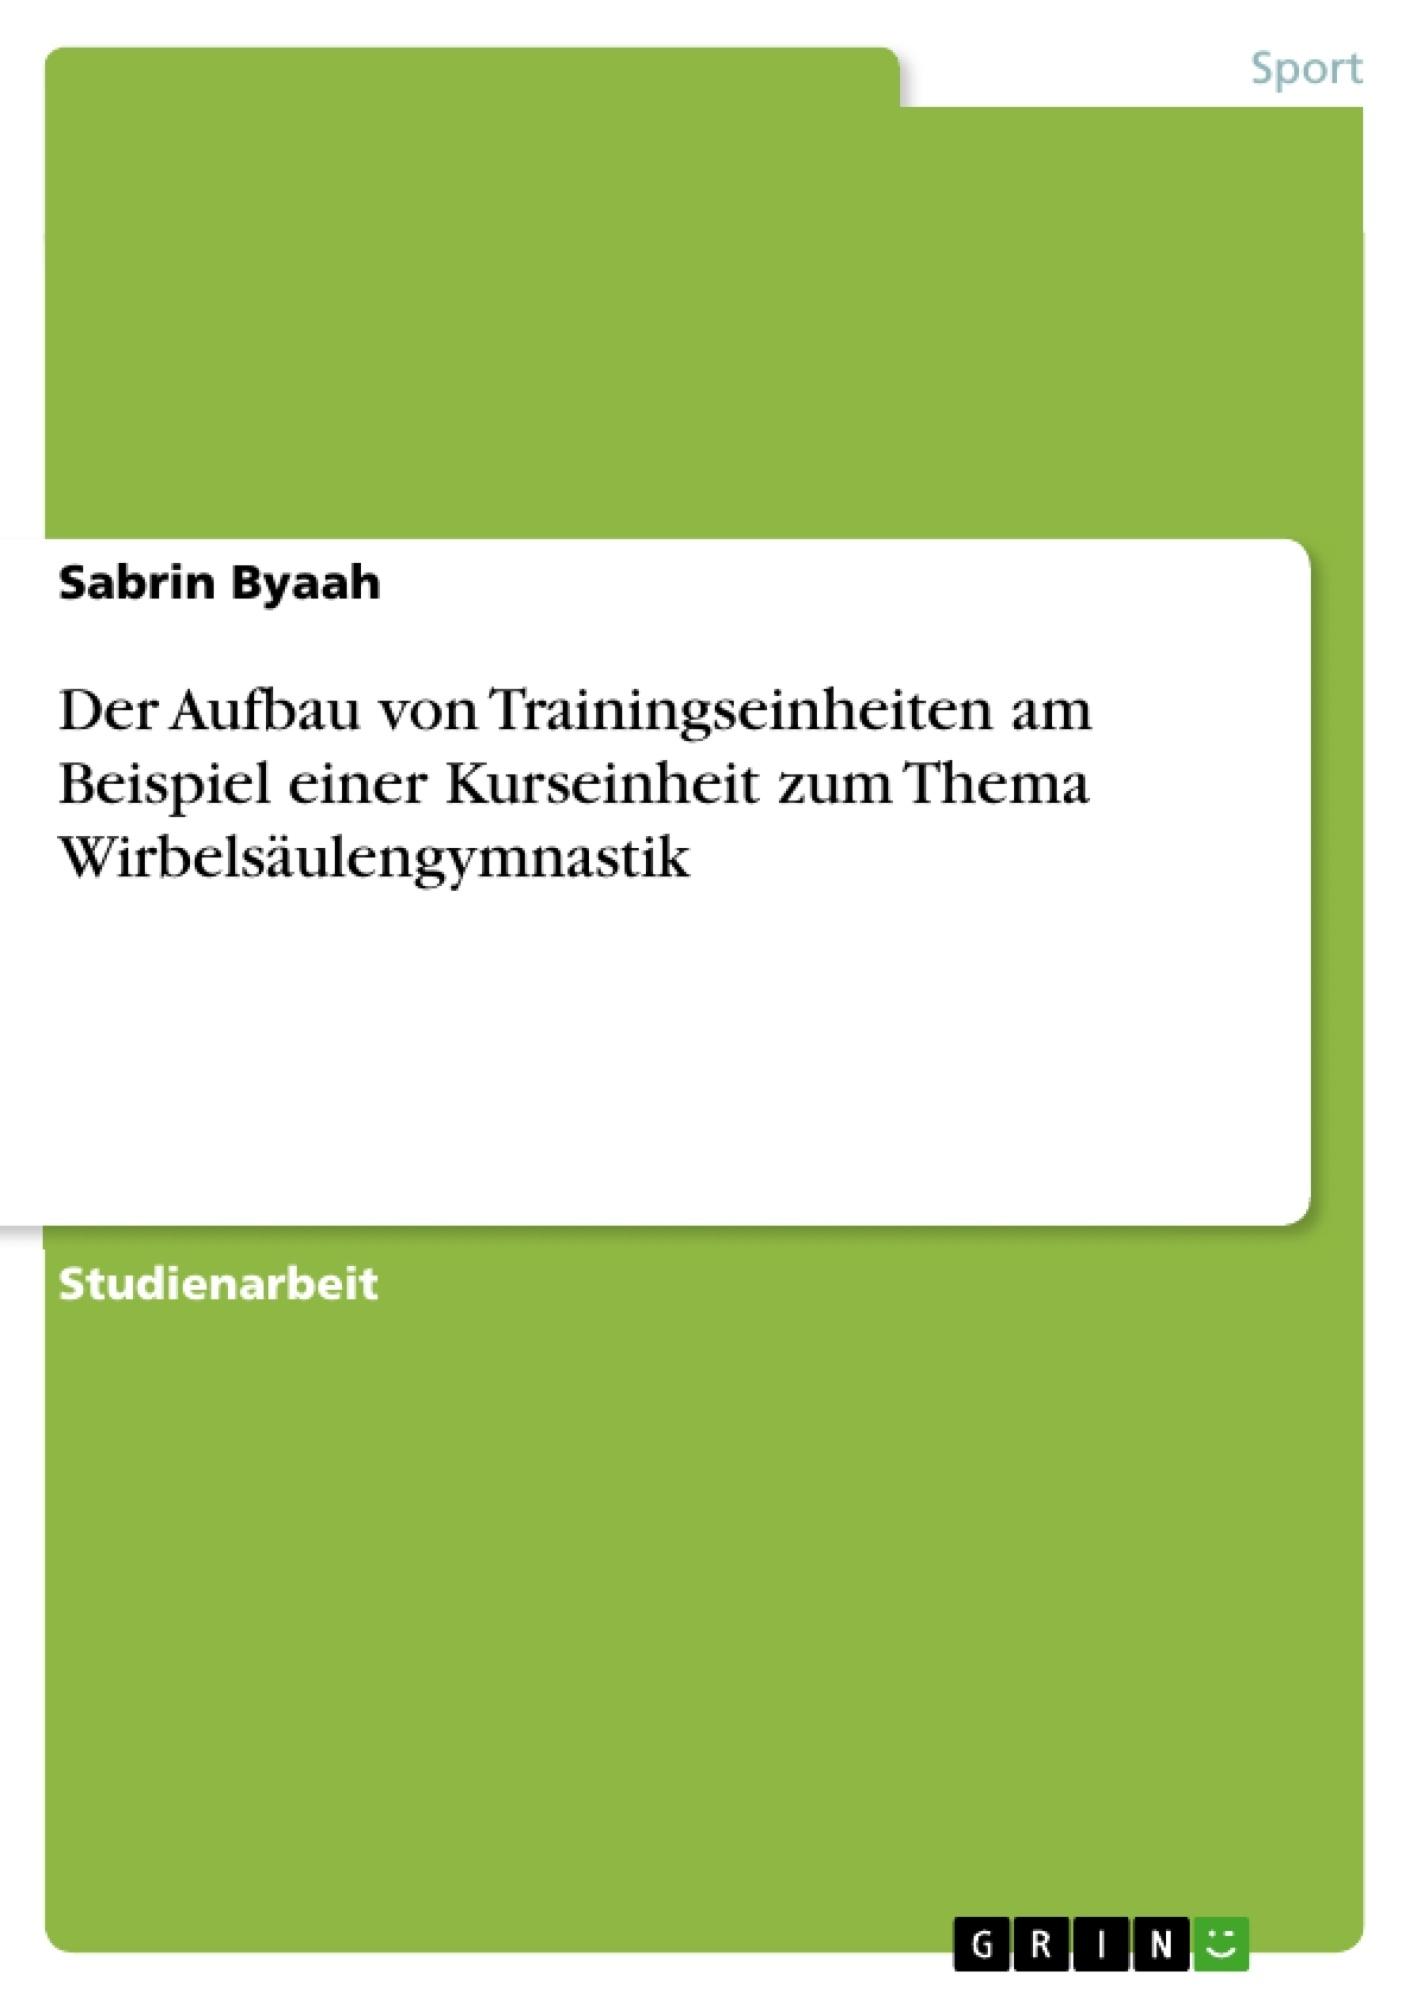 Titel: Der Aufbau von Trainingseinheiten am Beispiel einer Kurseinheit zum Thema Wirbelsäulengymnastik